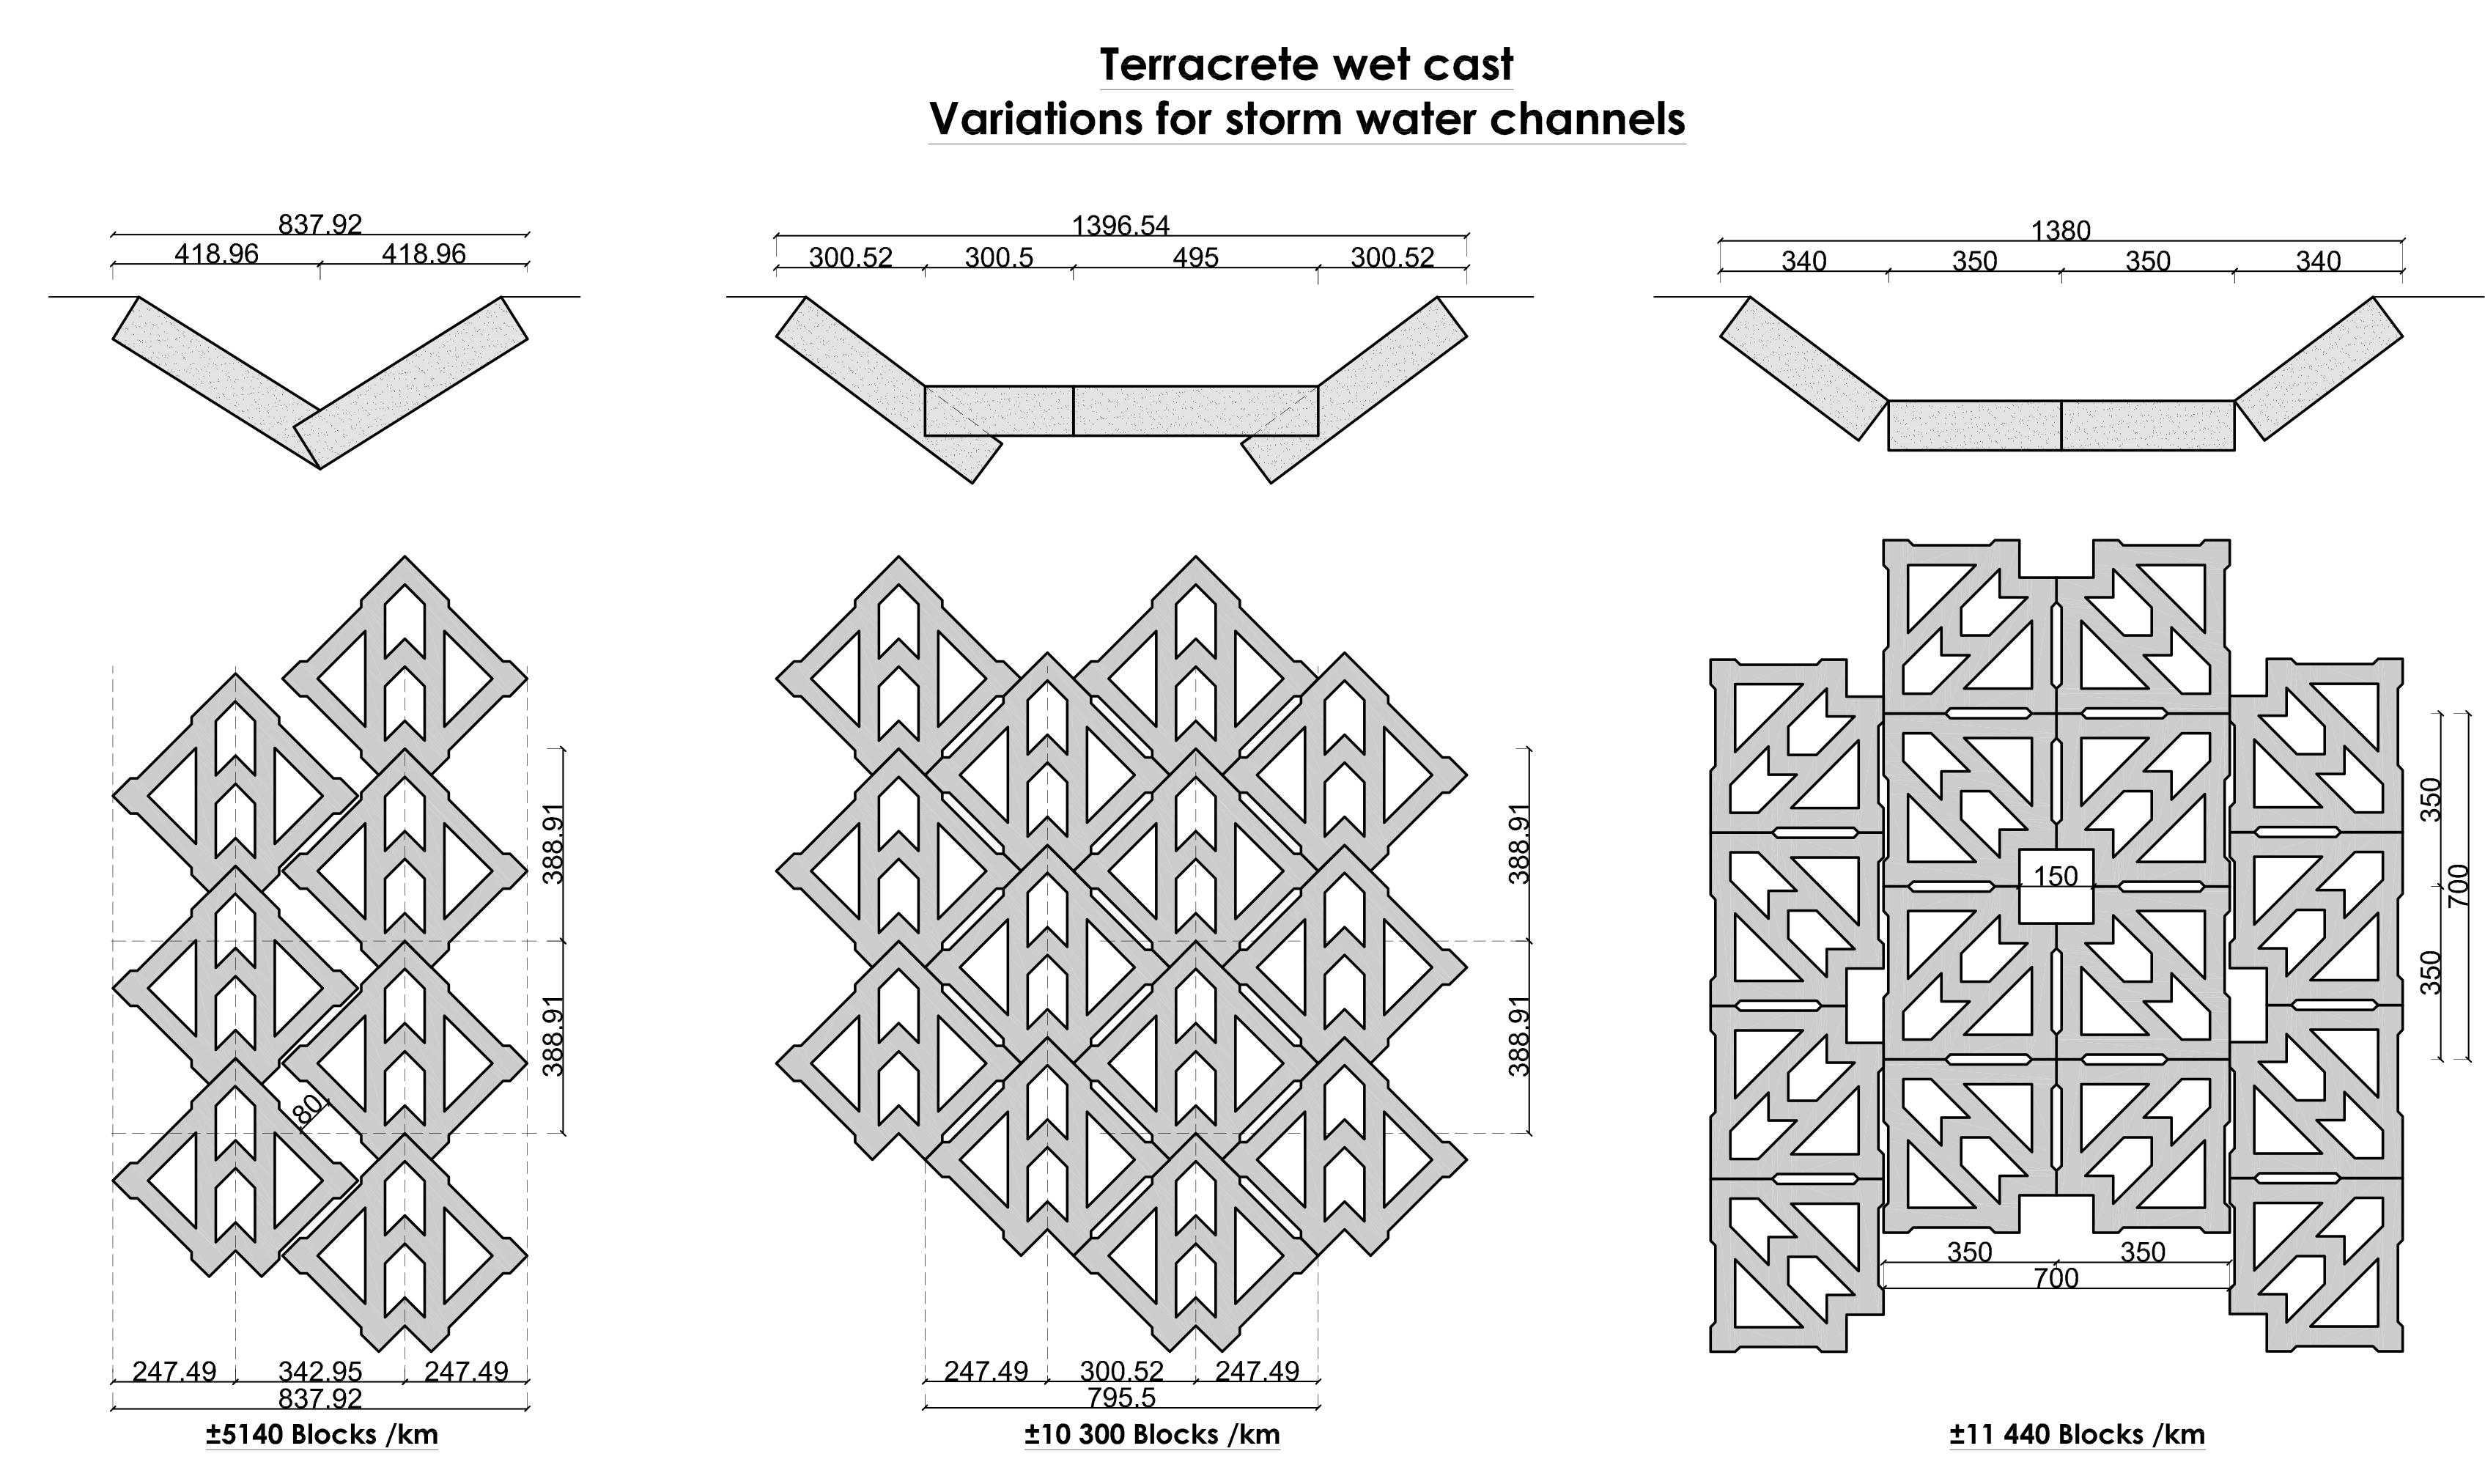 Terracrete wet cast channel designs